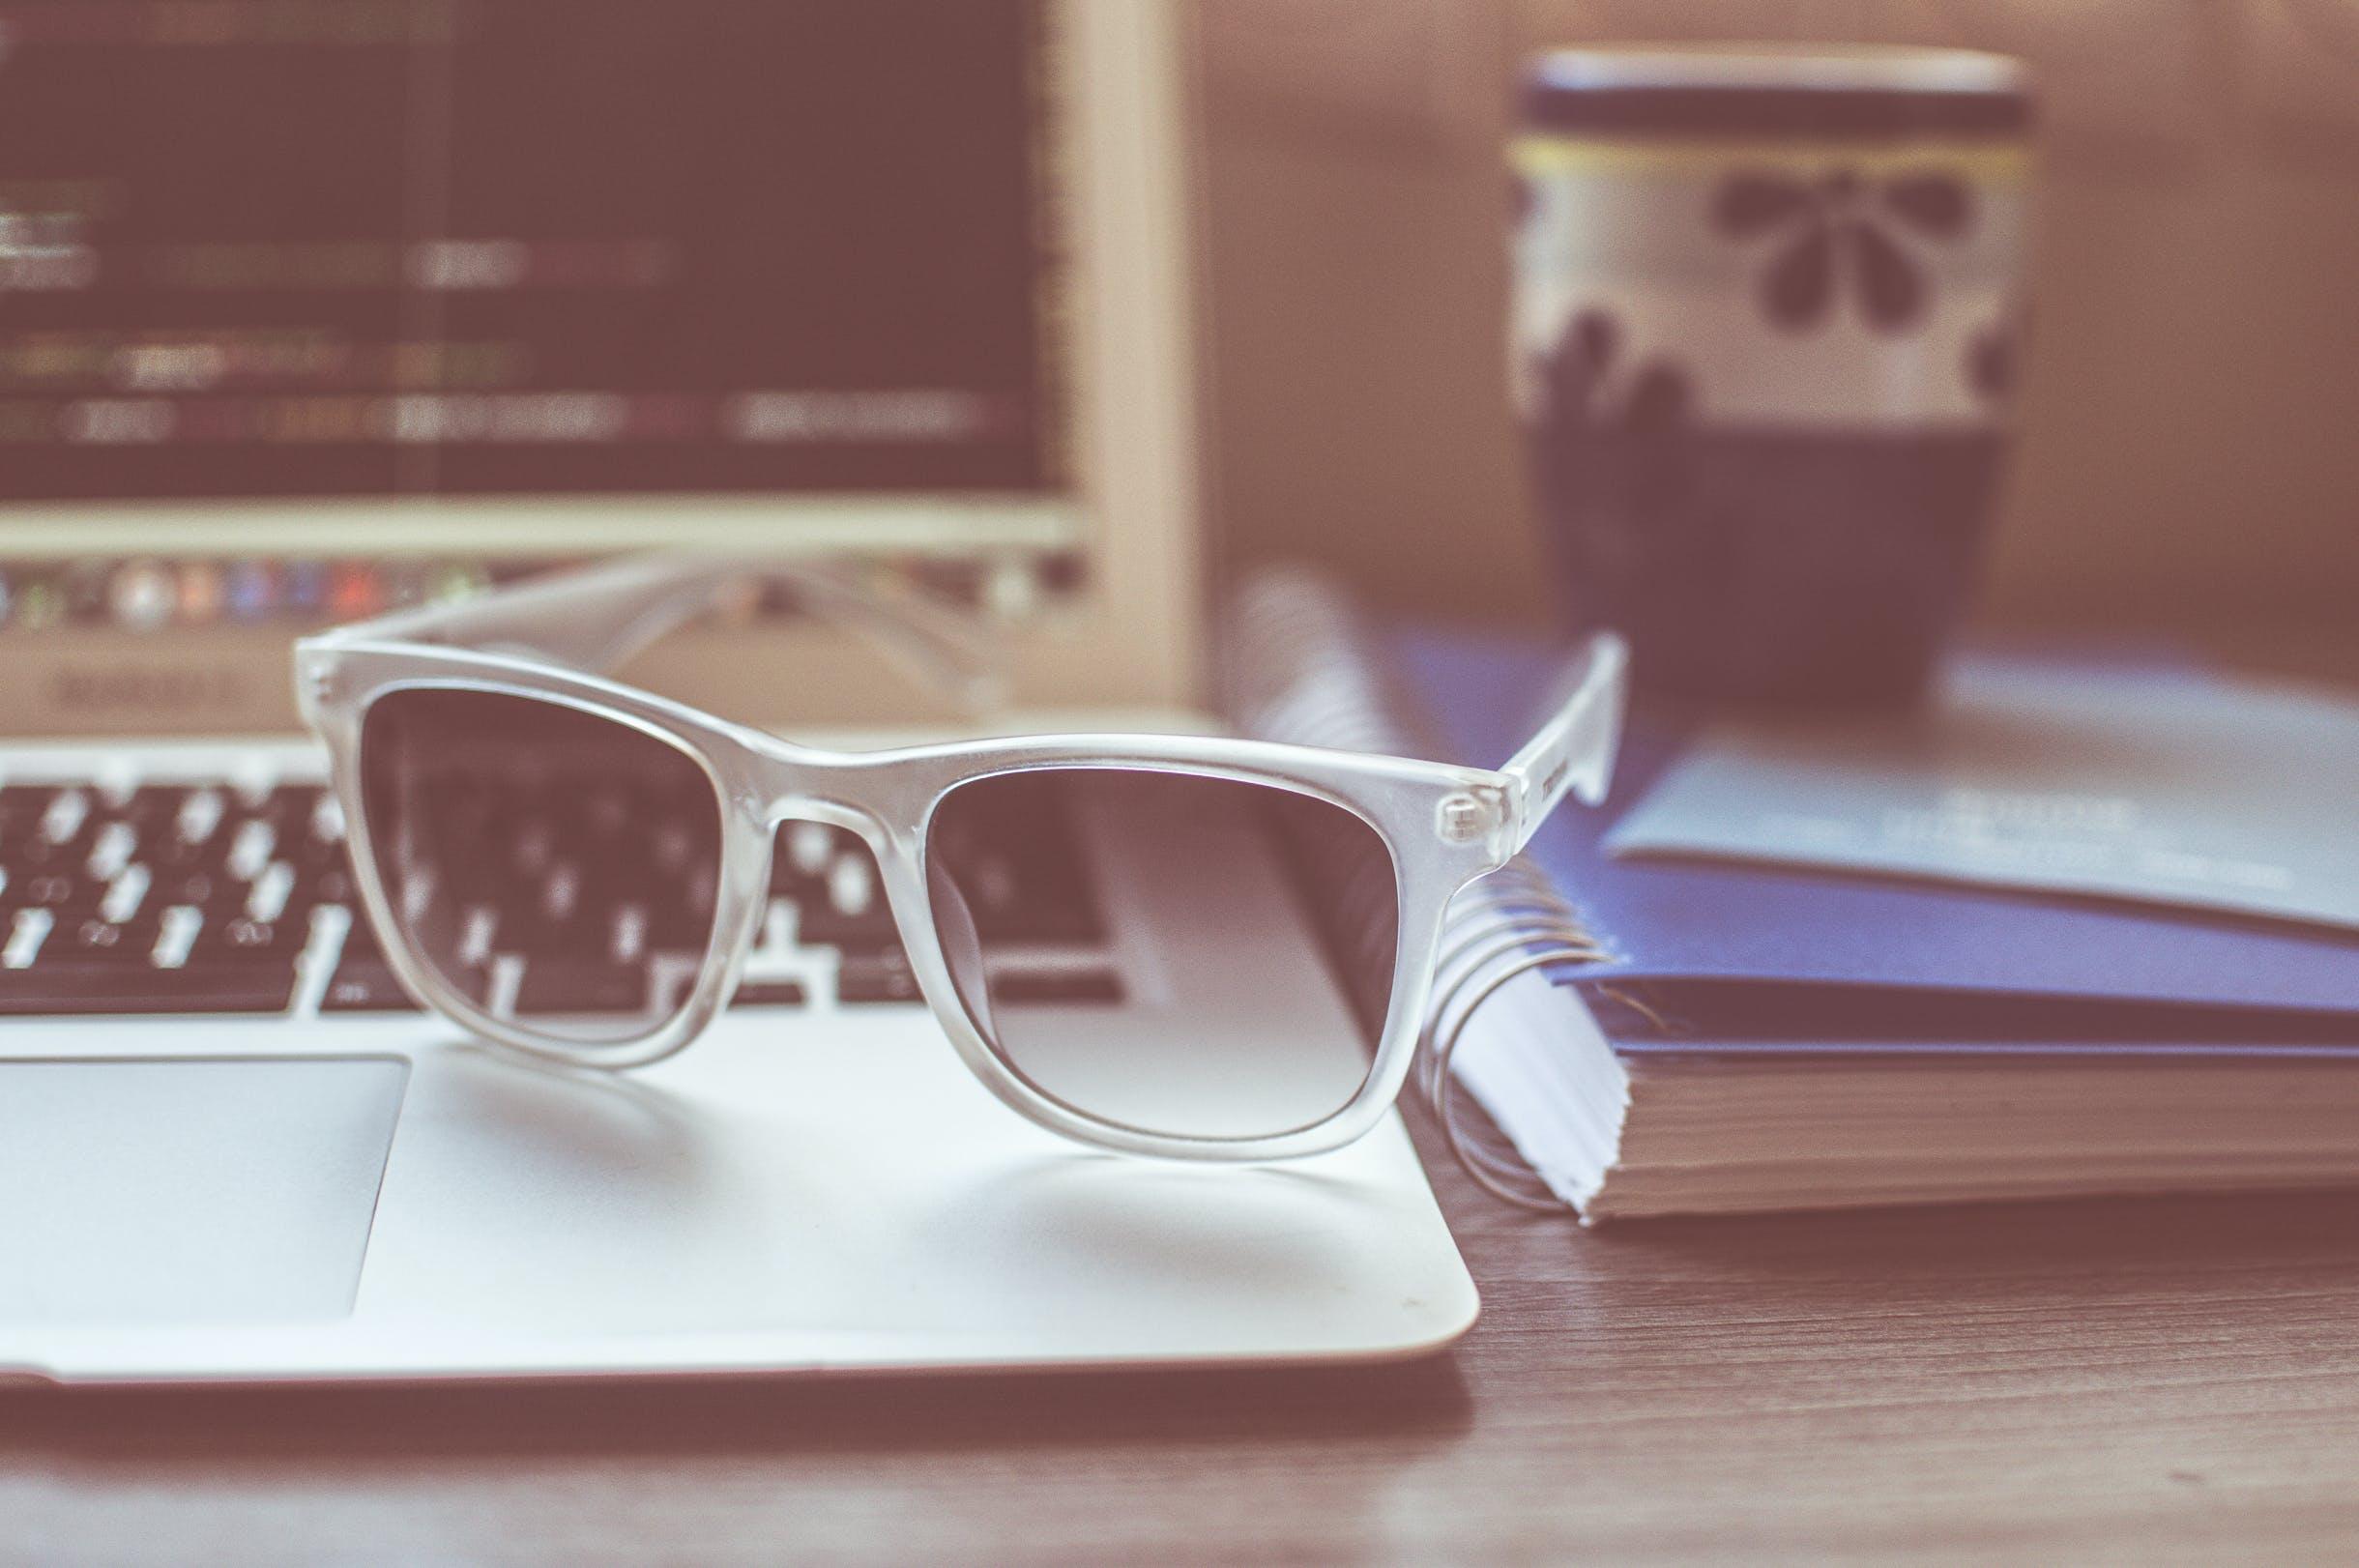 墨鏡, 太陽眼鏡, 持械搶劫